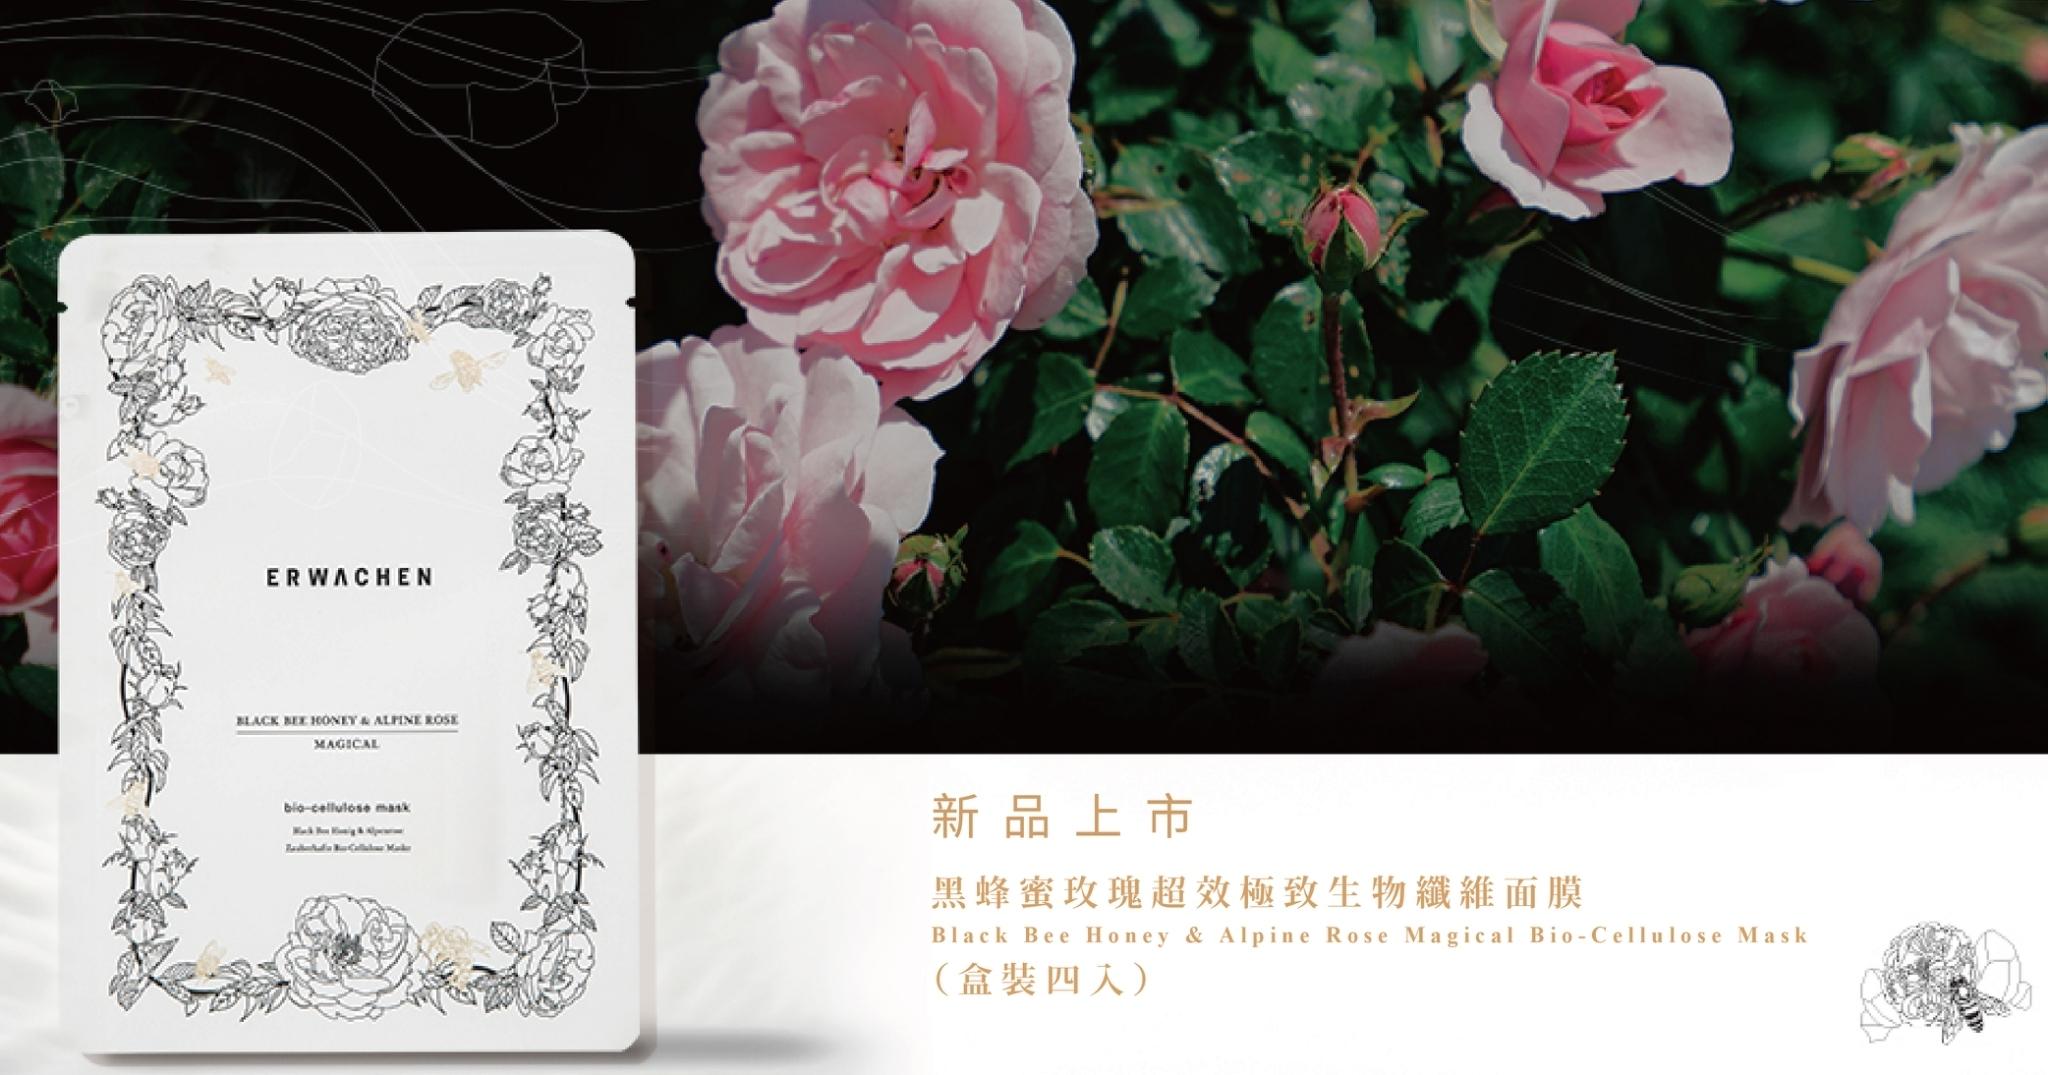 黑蜂蜜玫瑰超效極致生物纖維面膜